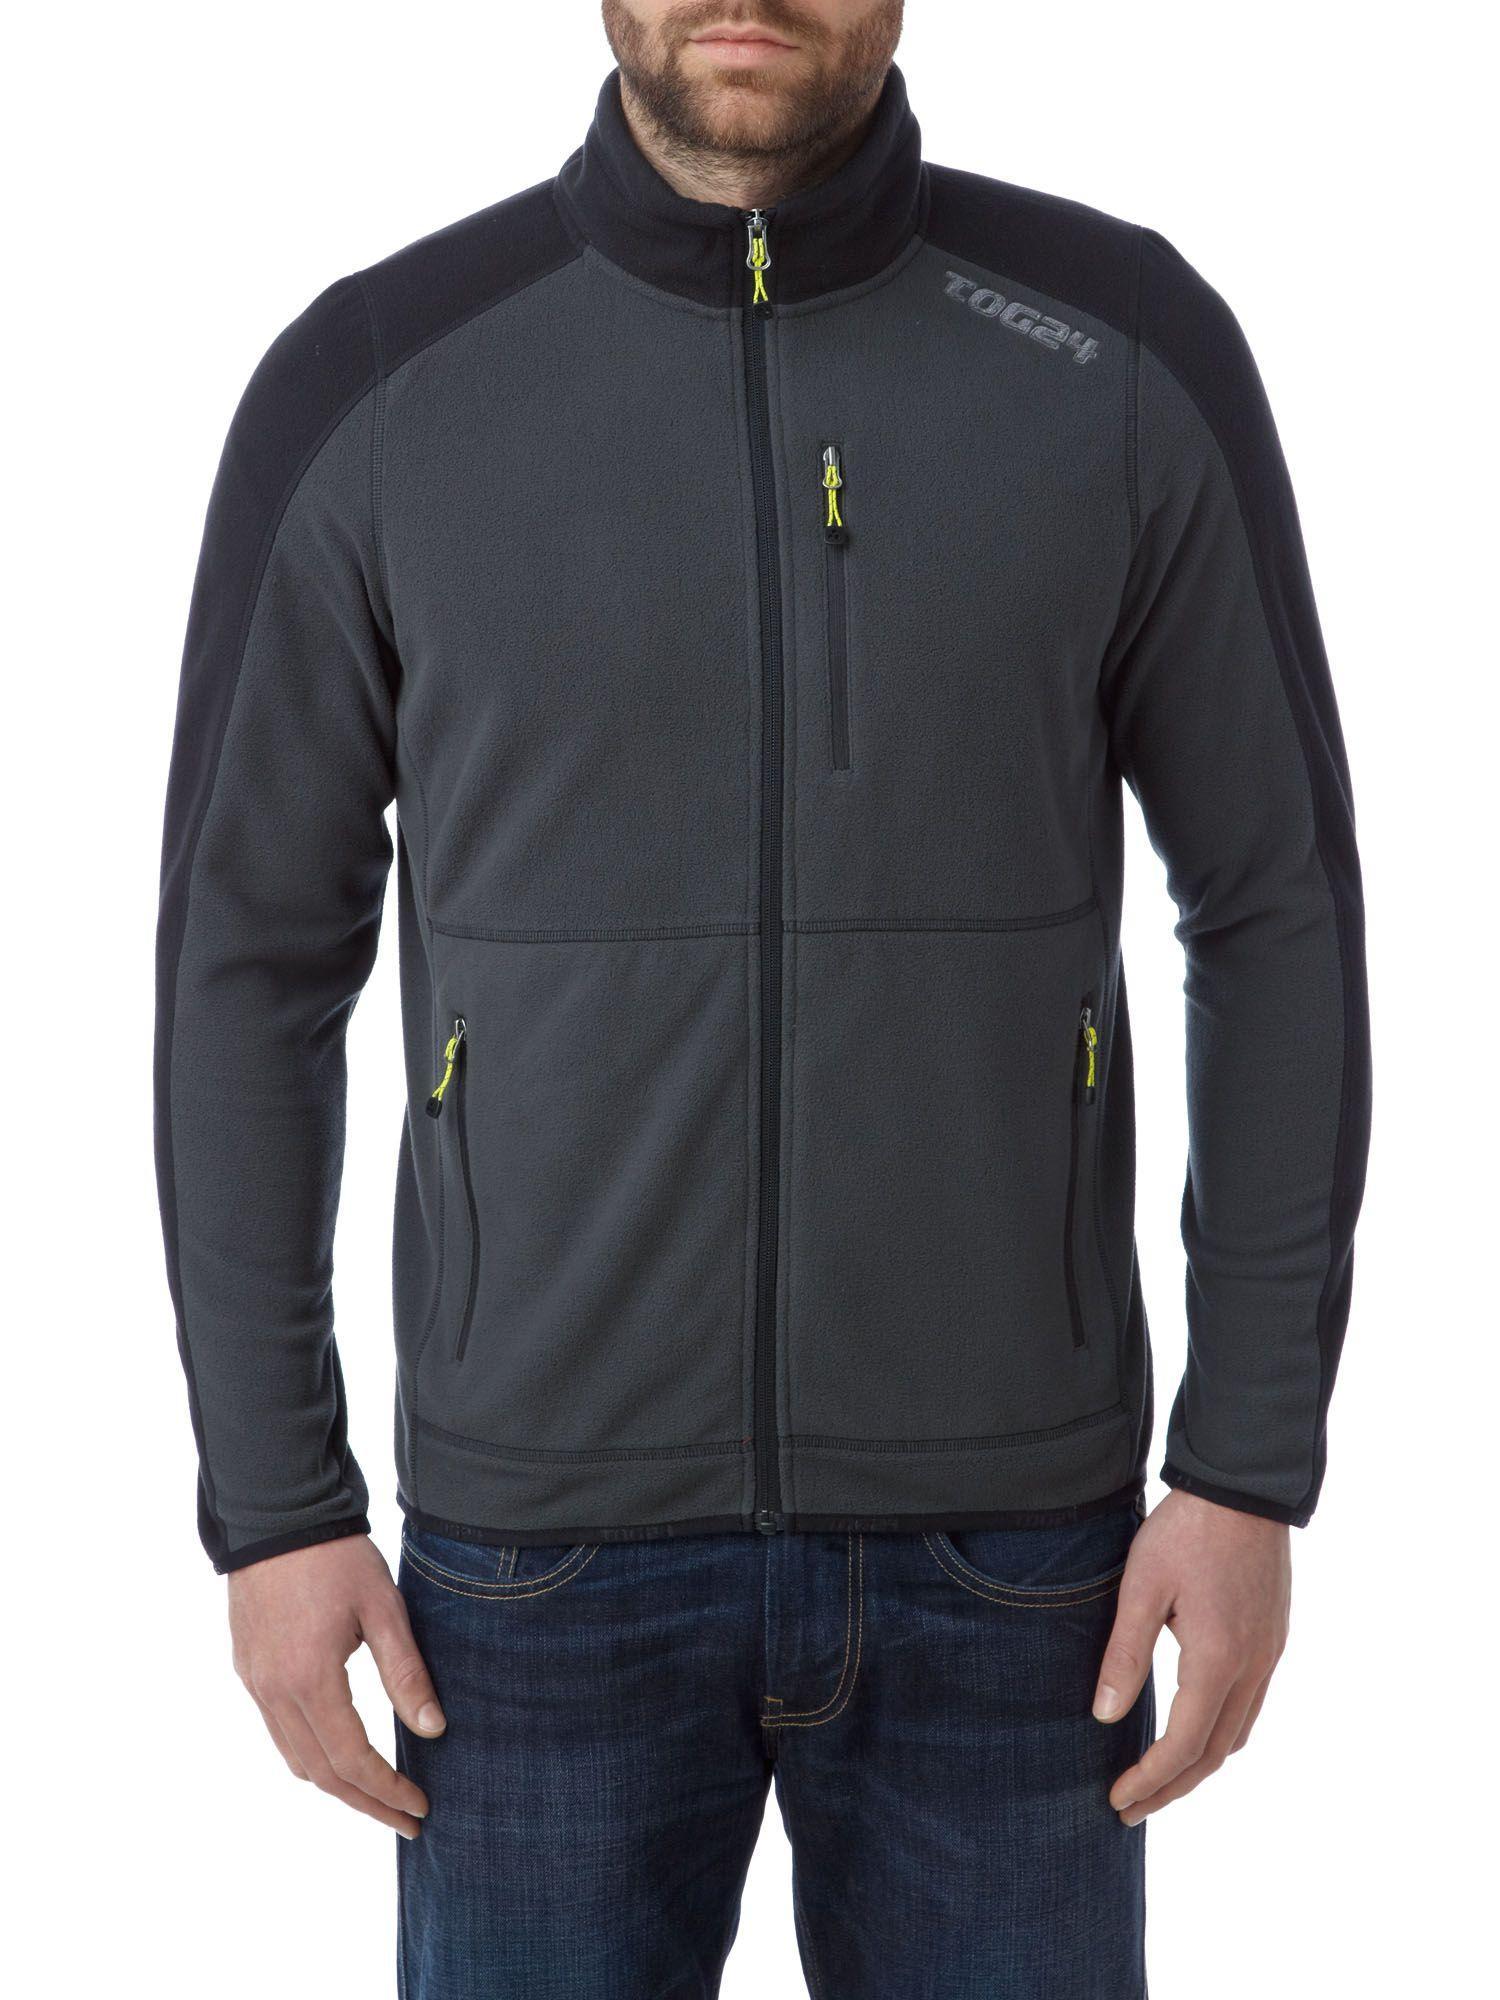 Lyst Tog 24 Ally Mens Tcz Fleece Jacket In Blue For Men